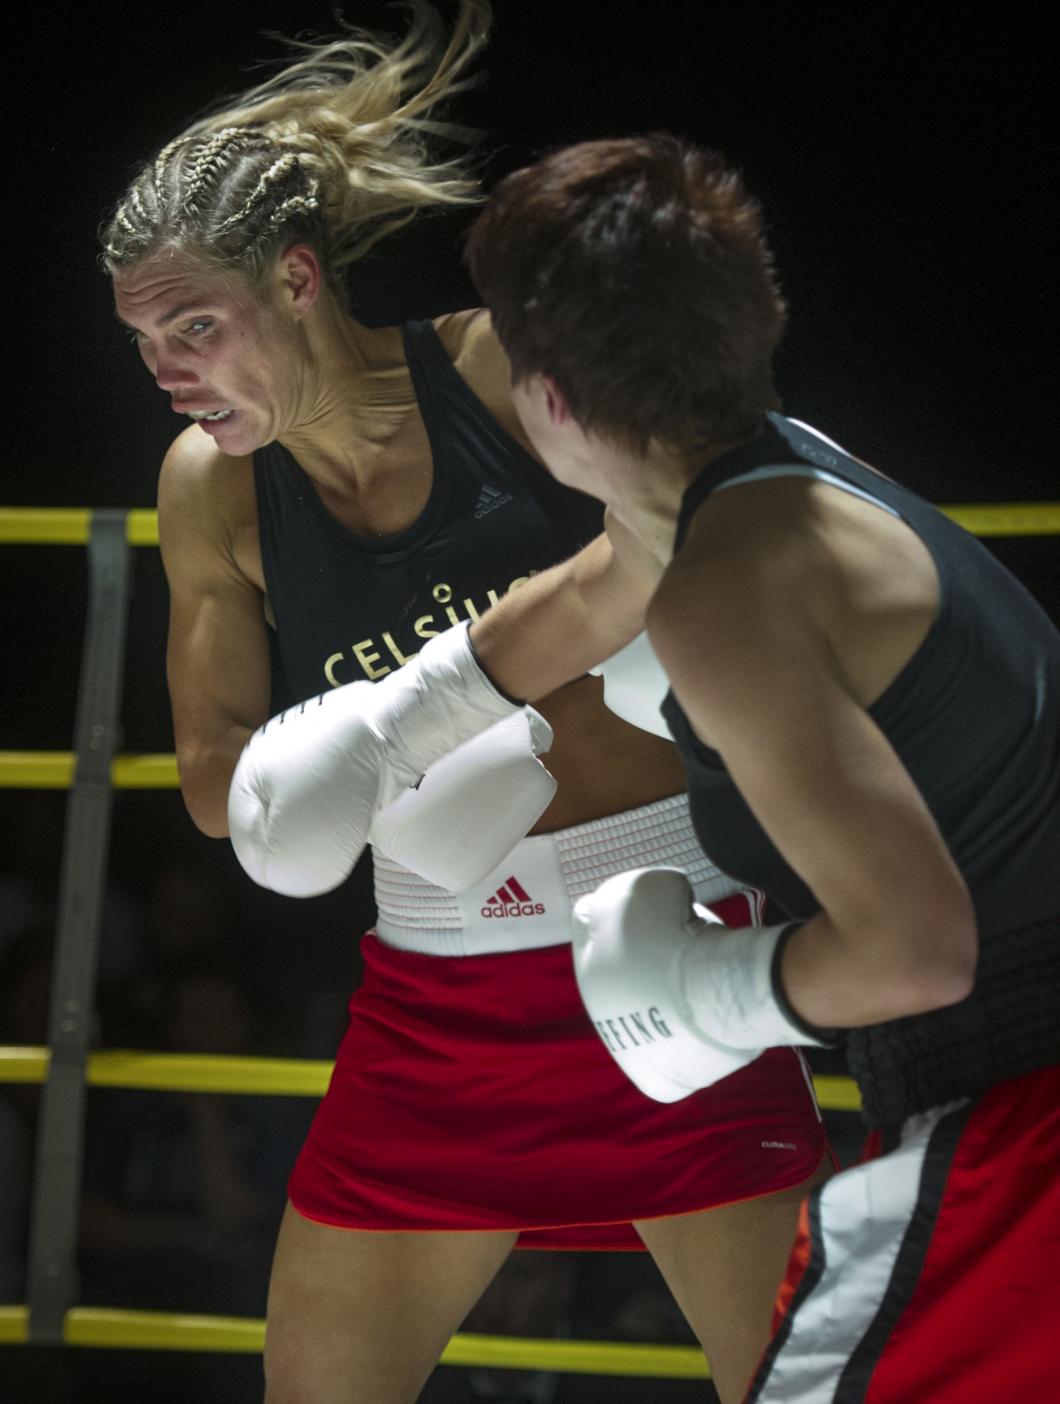 Hjärnskakning efter knockout kan ta flera månader att läka